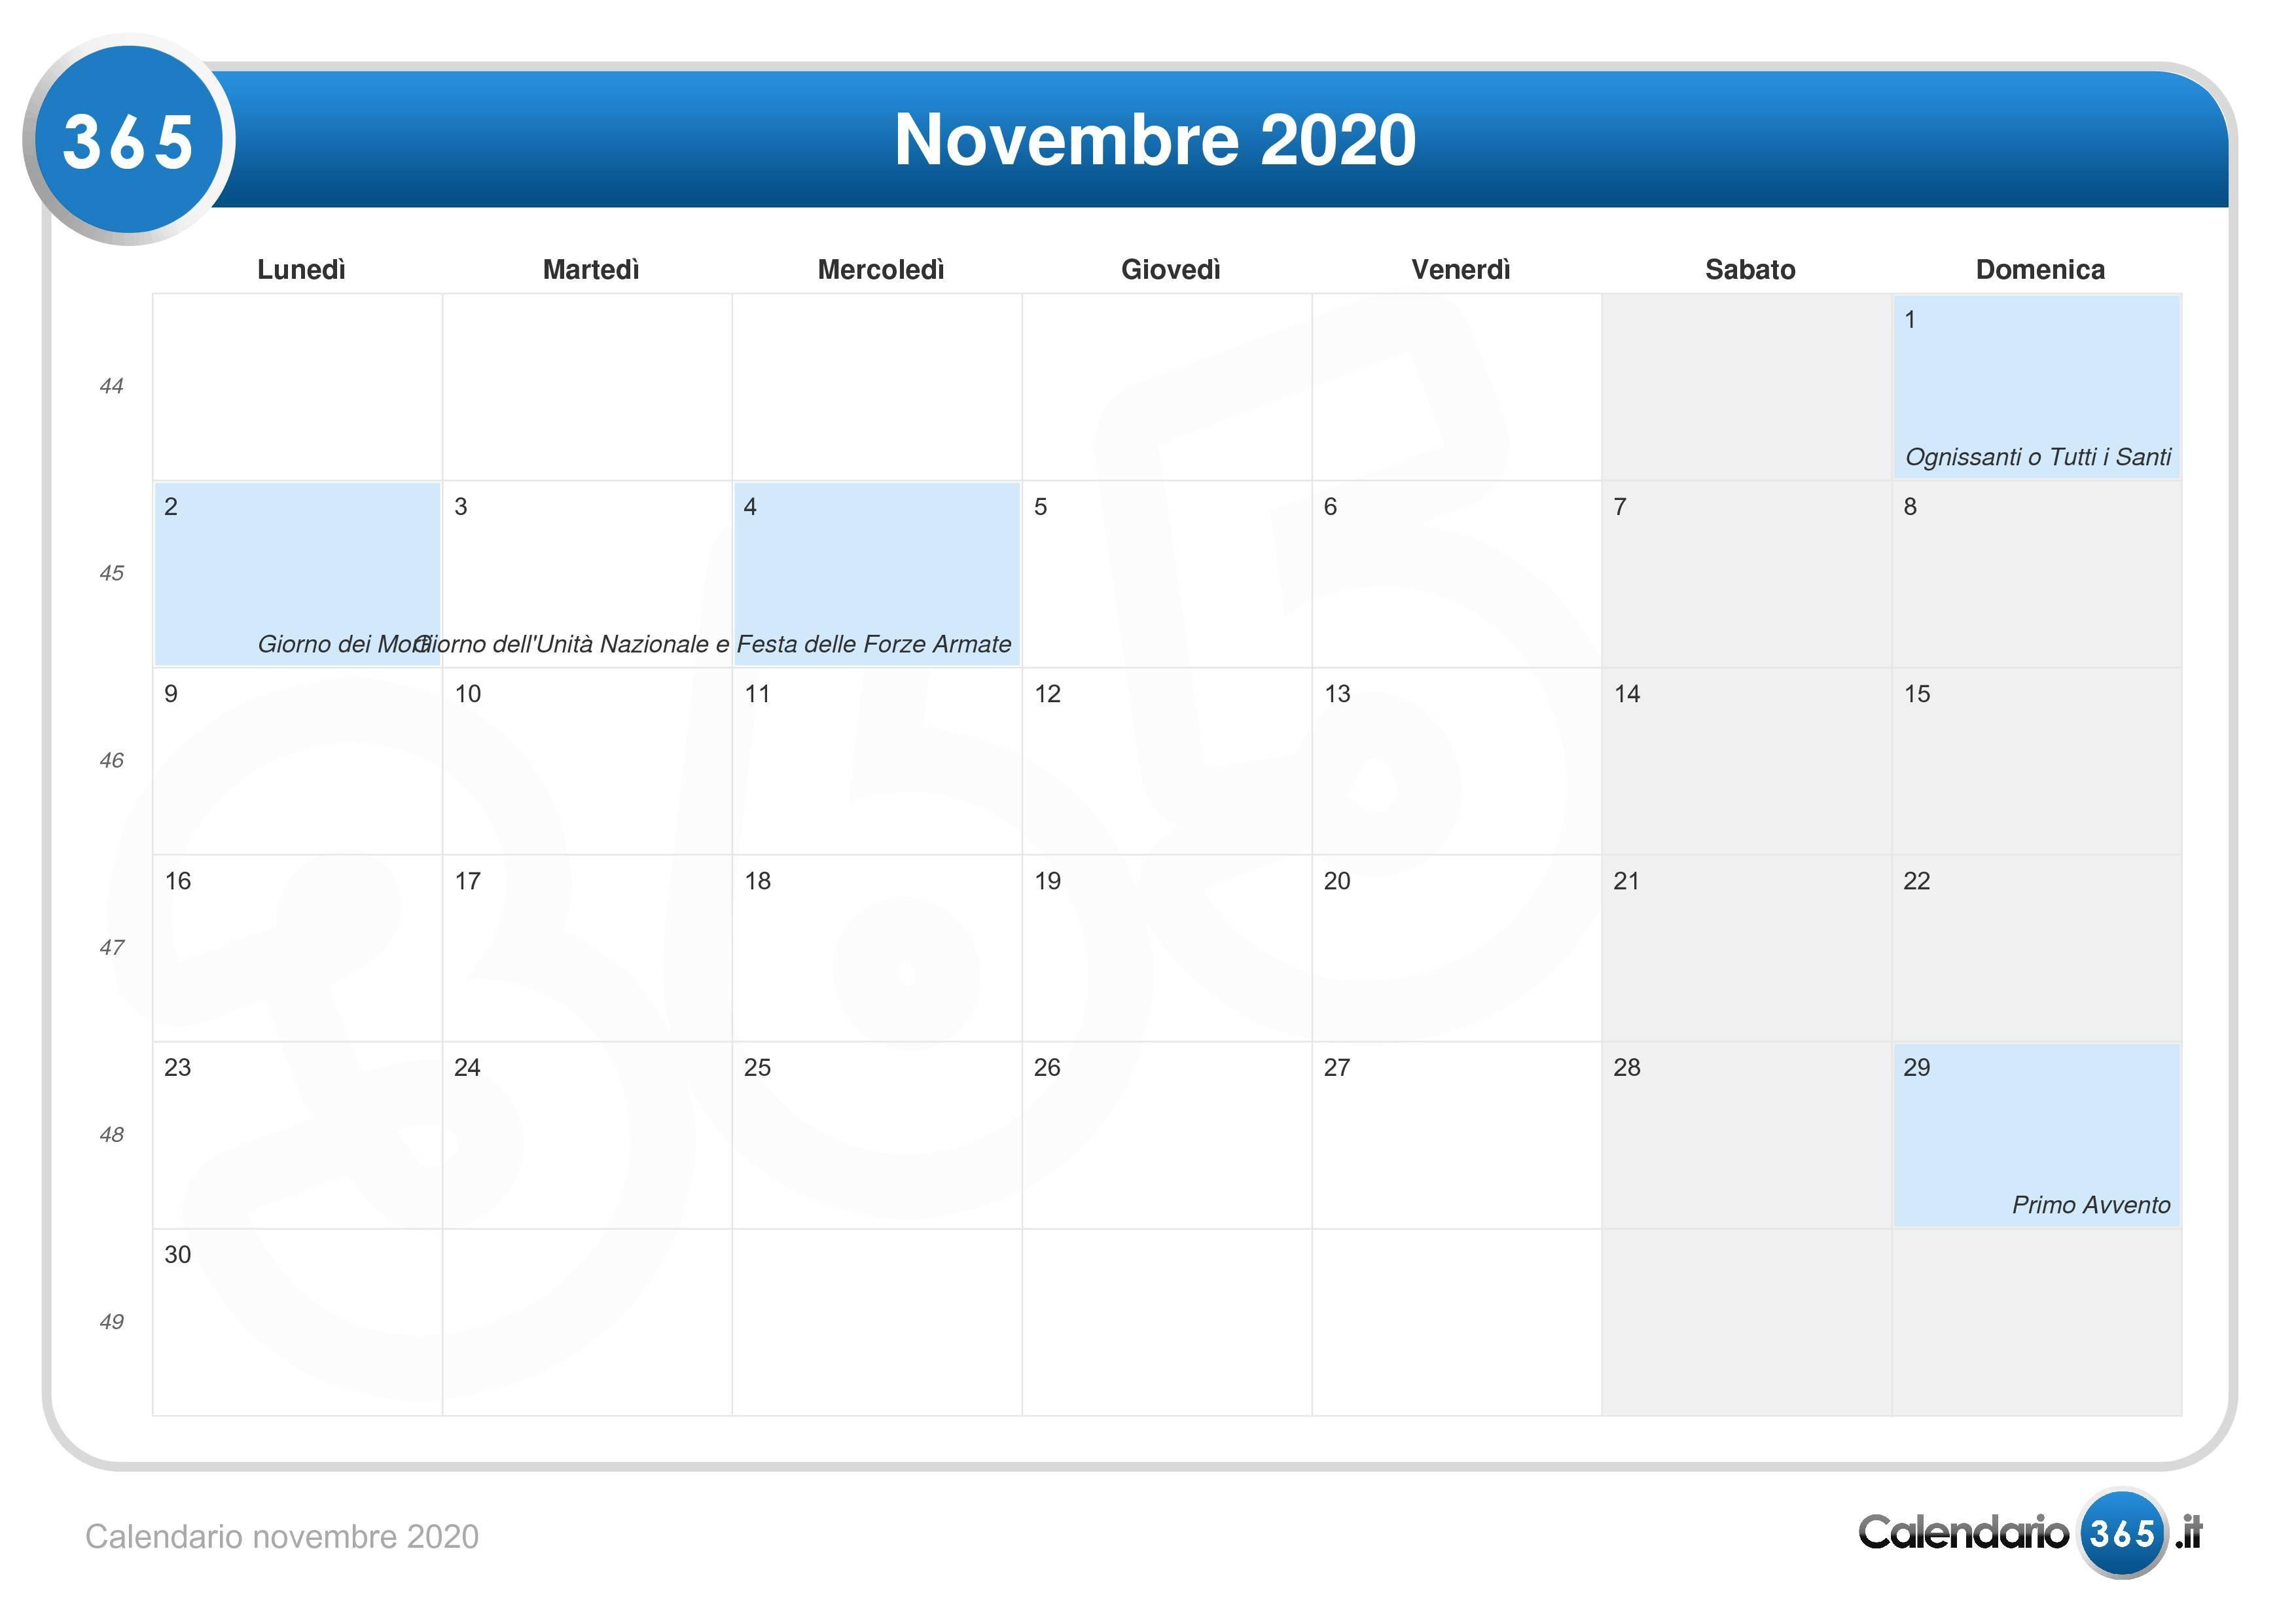 Novembre 2020 Calendario.Calendario Novembre 2020